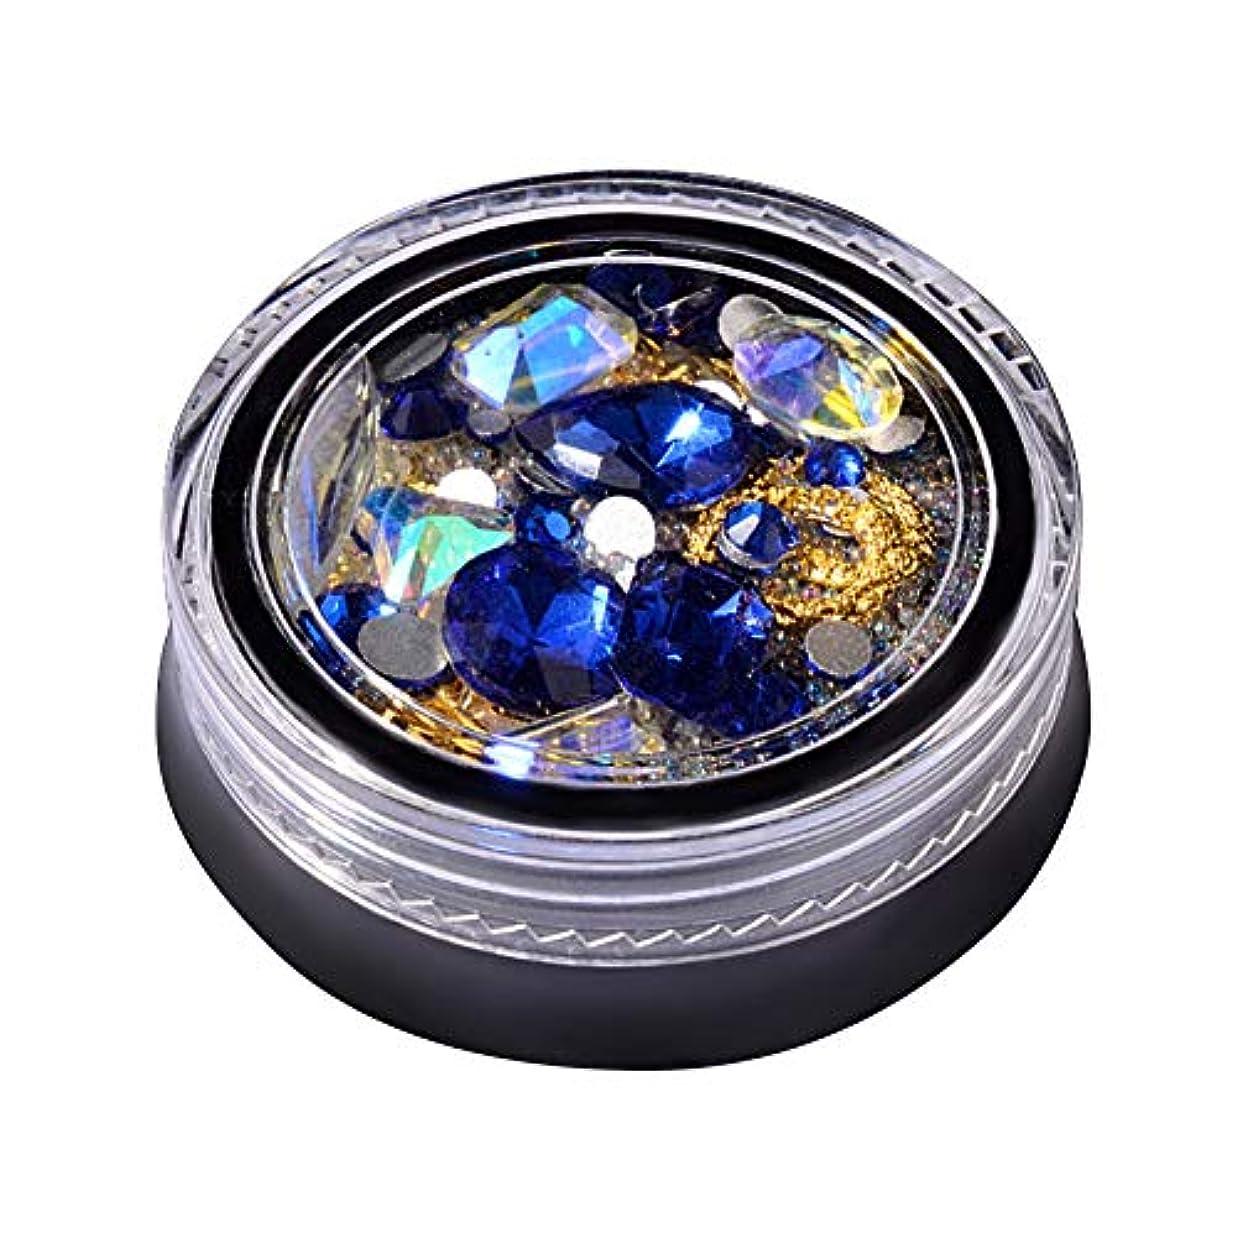 砂漠打ち負かすプレゼントネイルジュエリーネイルダイヤモンド形の多面的な創造的な装飾的な模造ダイヤモンドドリルダイヤモンドは青のDIYネイルアートツールセットの小道具